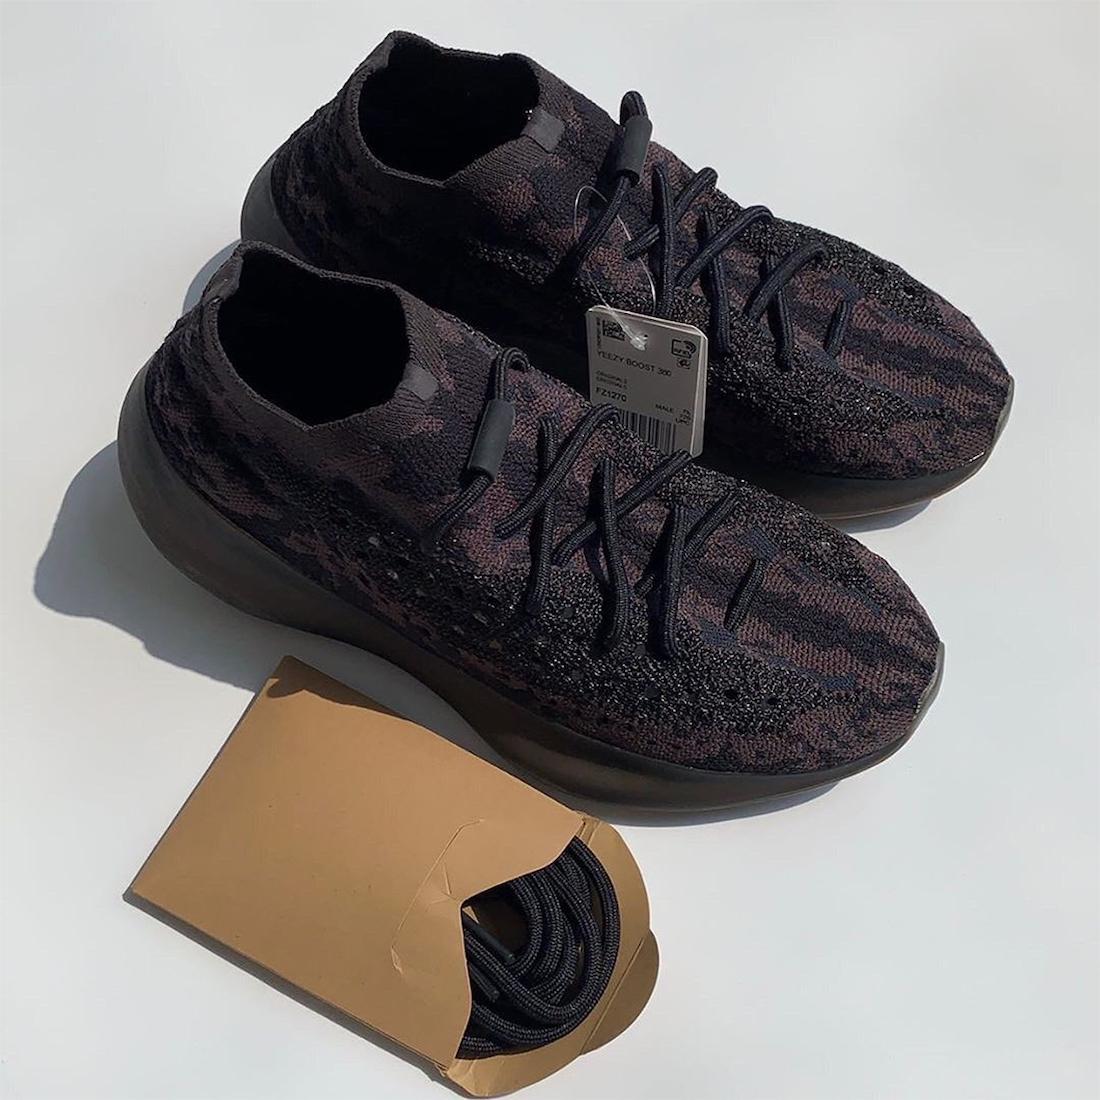 adidas Yeezy Boost 380 Onyx Q47307